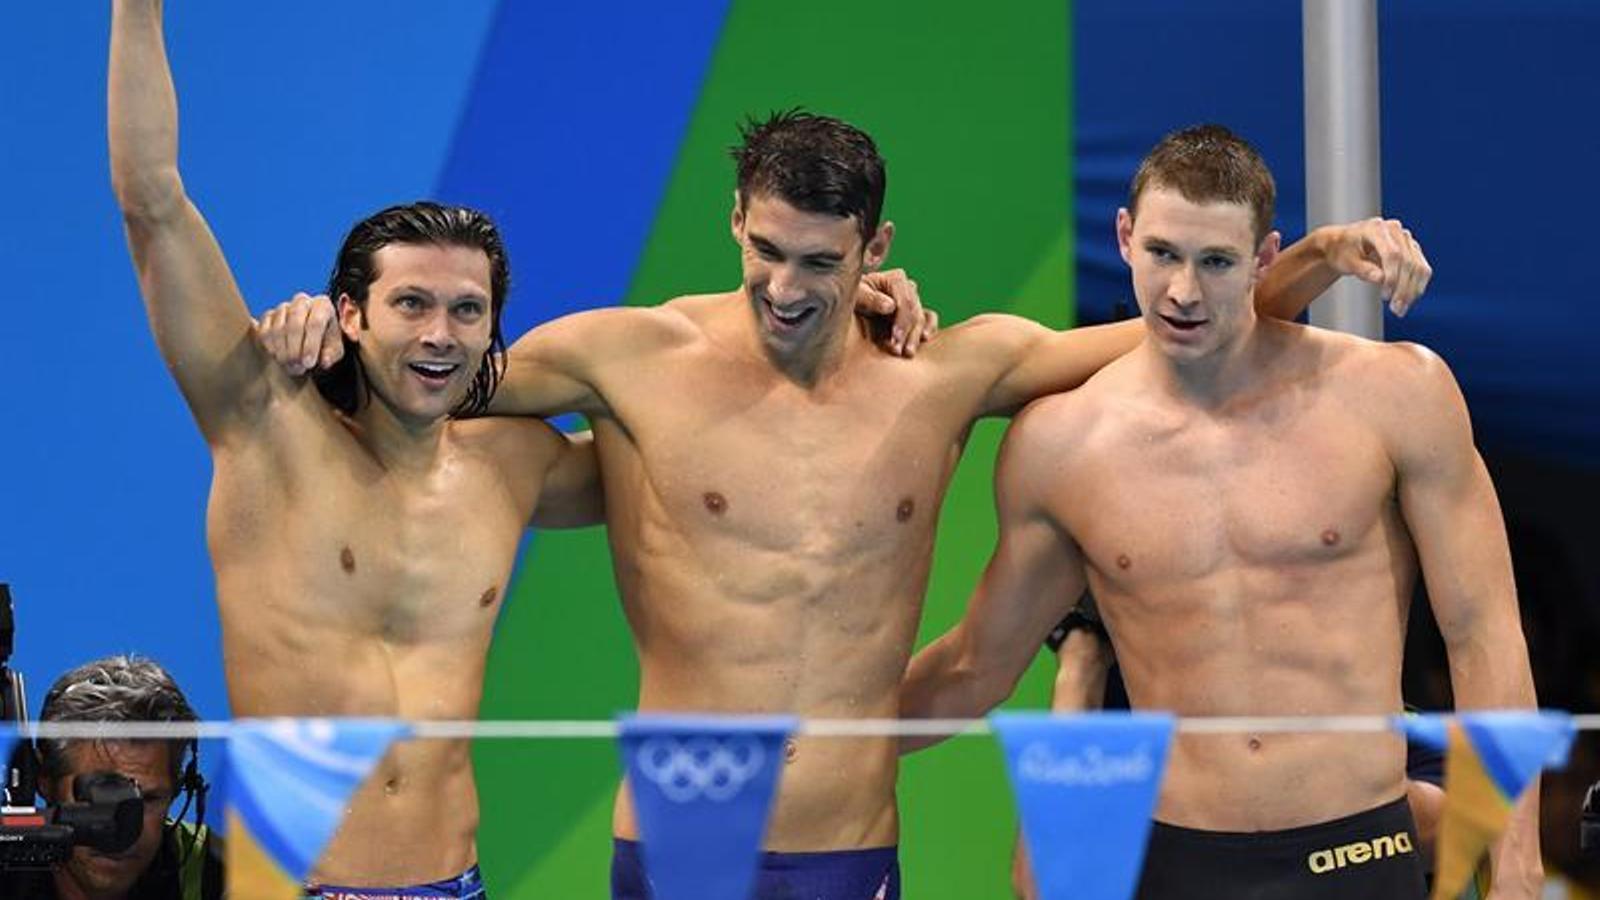 Michael Phelps i la llegenda de l'home amb 23 medalles d'or